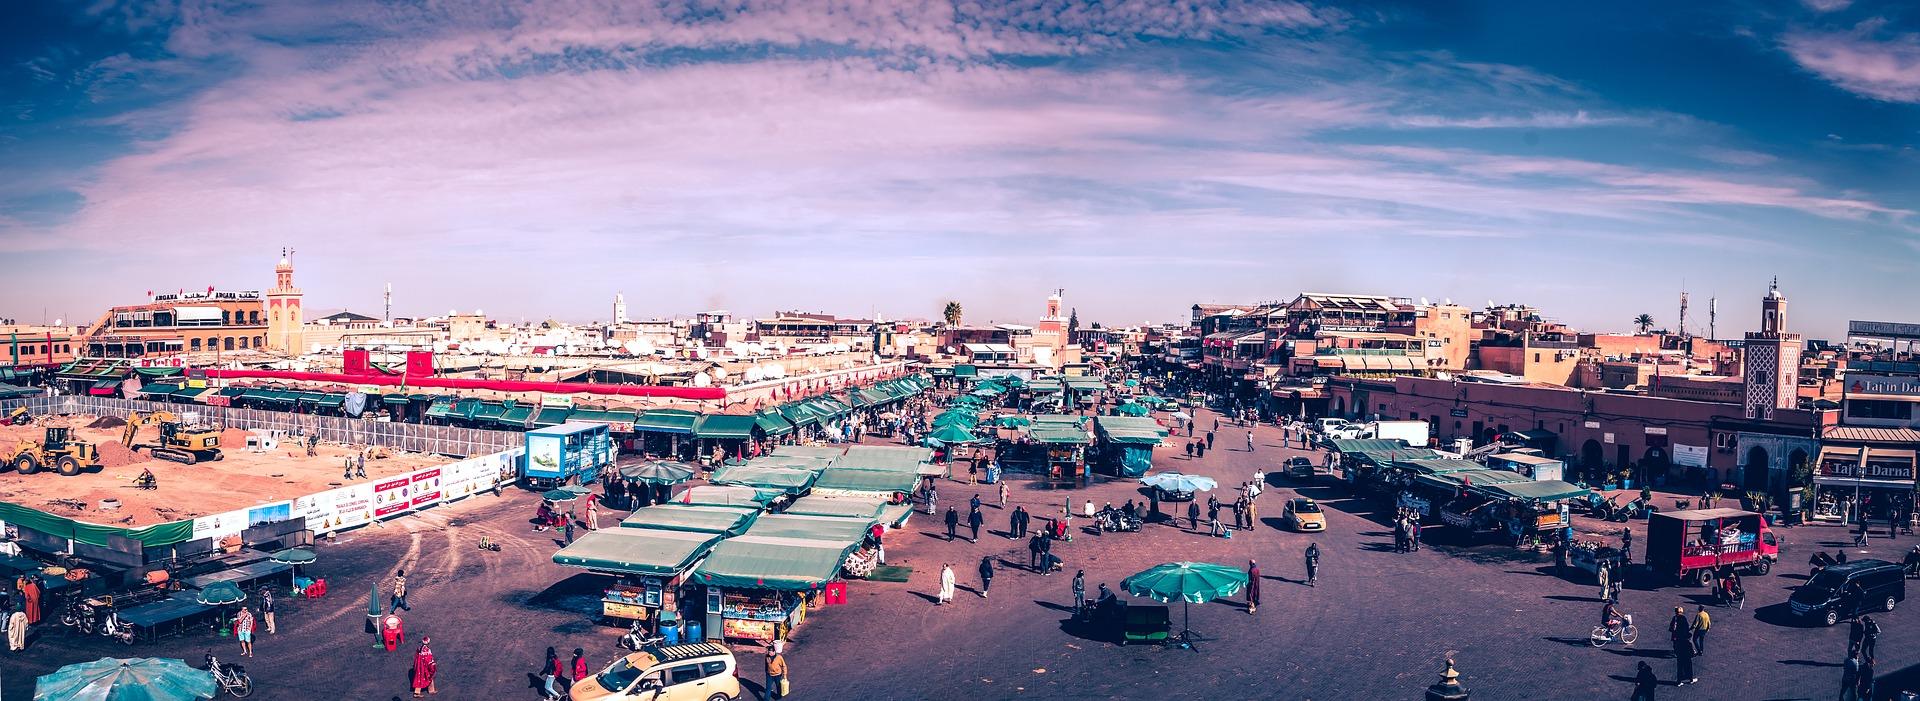 Festival national des arts populaires de marrakech